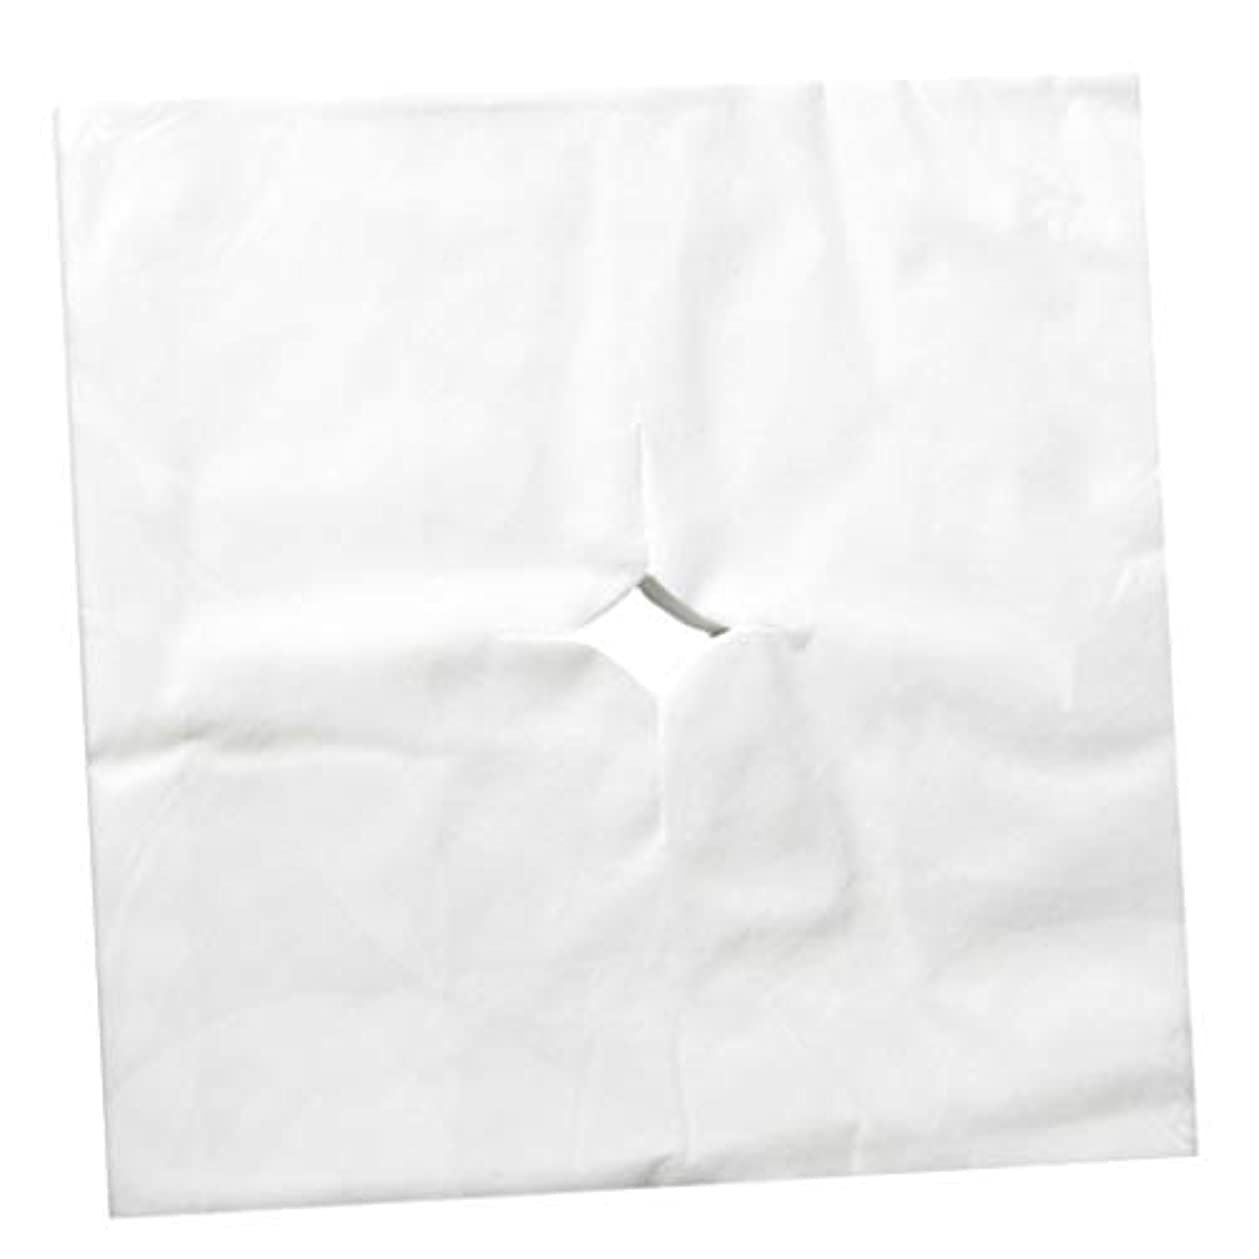 喉頭目立つ配偶者フェイスクレードルカバー マッサージフェイスカバー マッサージサロン 使い捨て 寝具カバー 全3色 - 白